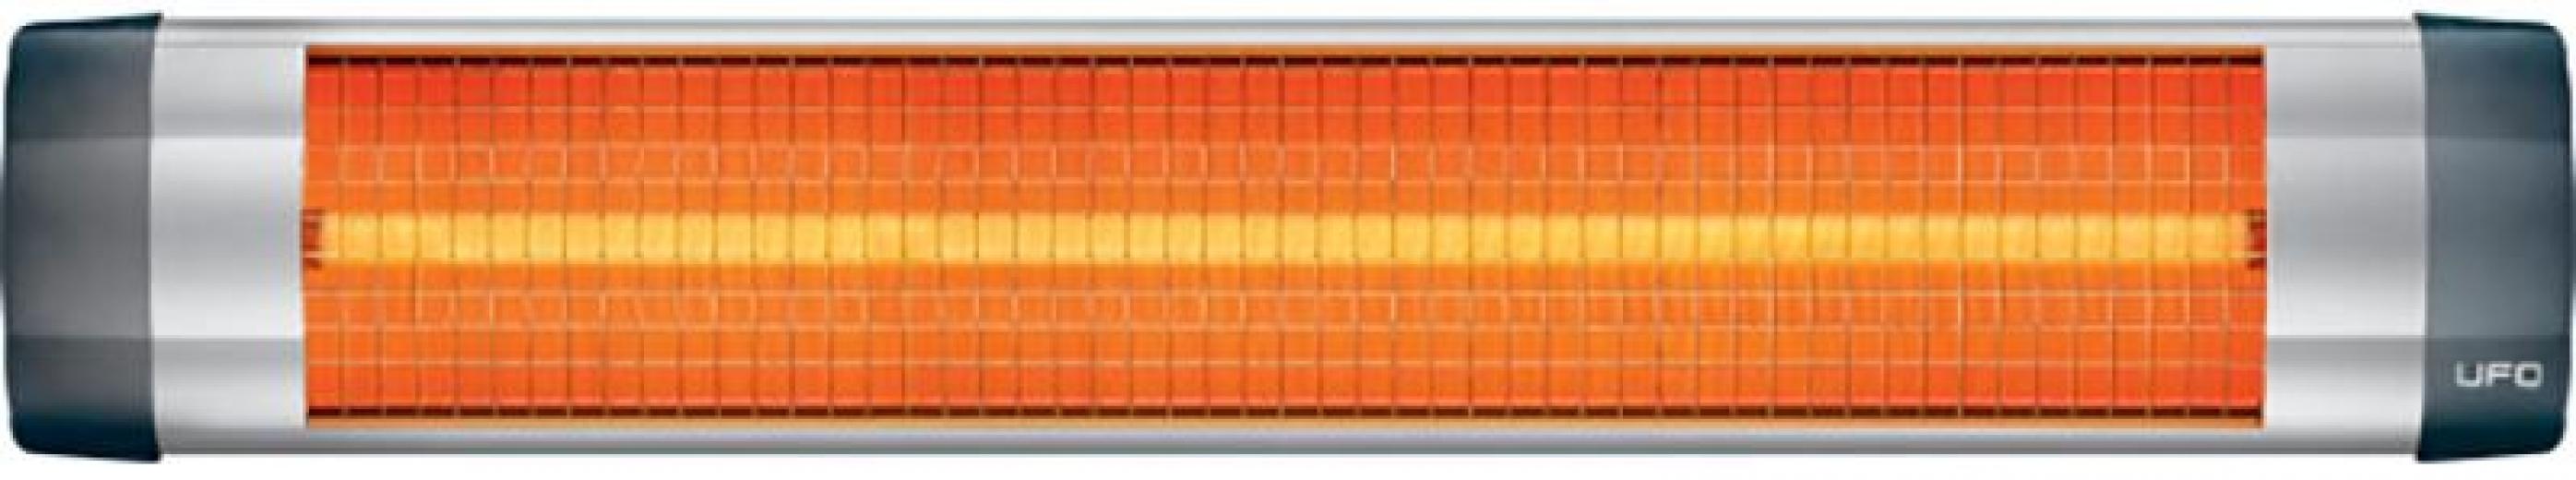 b95f2d5500ce35 Інфрачервоний обігрівач UFO Star 2900 - фото - інтернет-магазин електроніки  та побутової техніки TTT